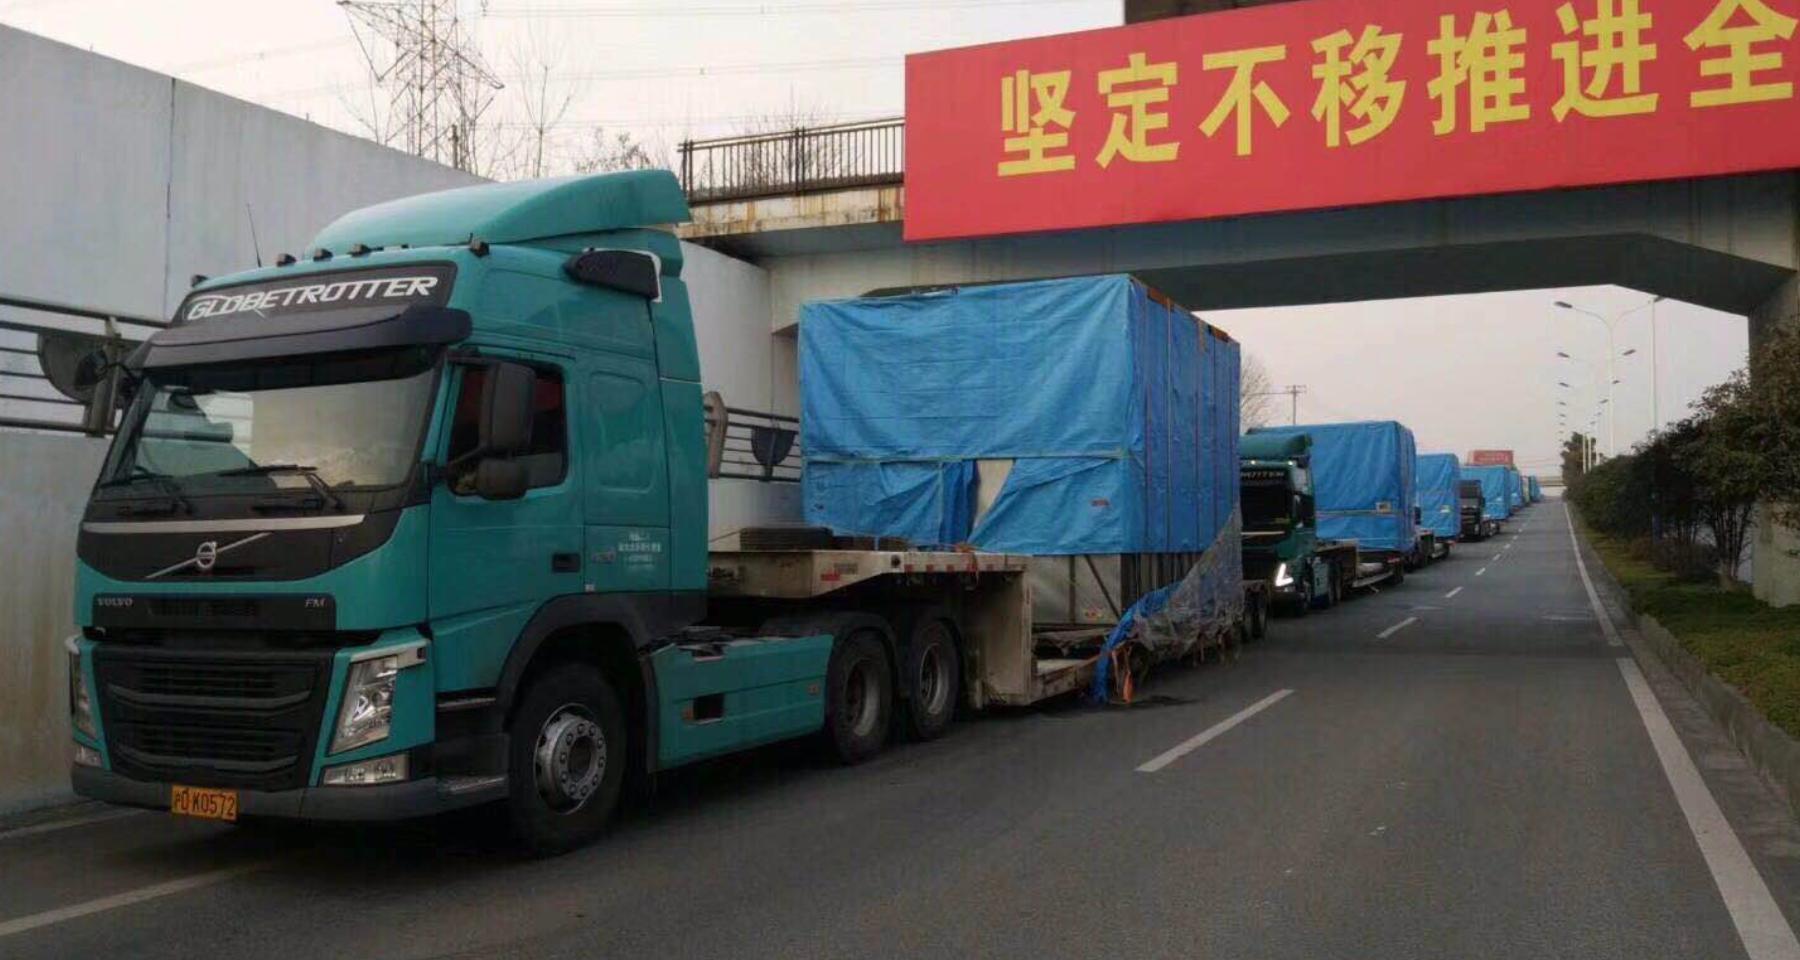 南京气垫车运输要多少钱 真诚推荐 上海立森物流供应